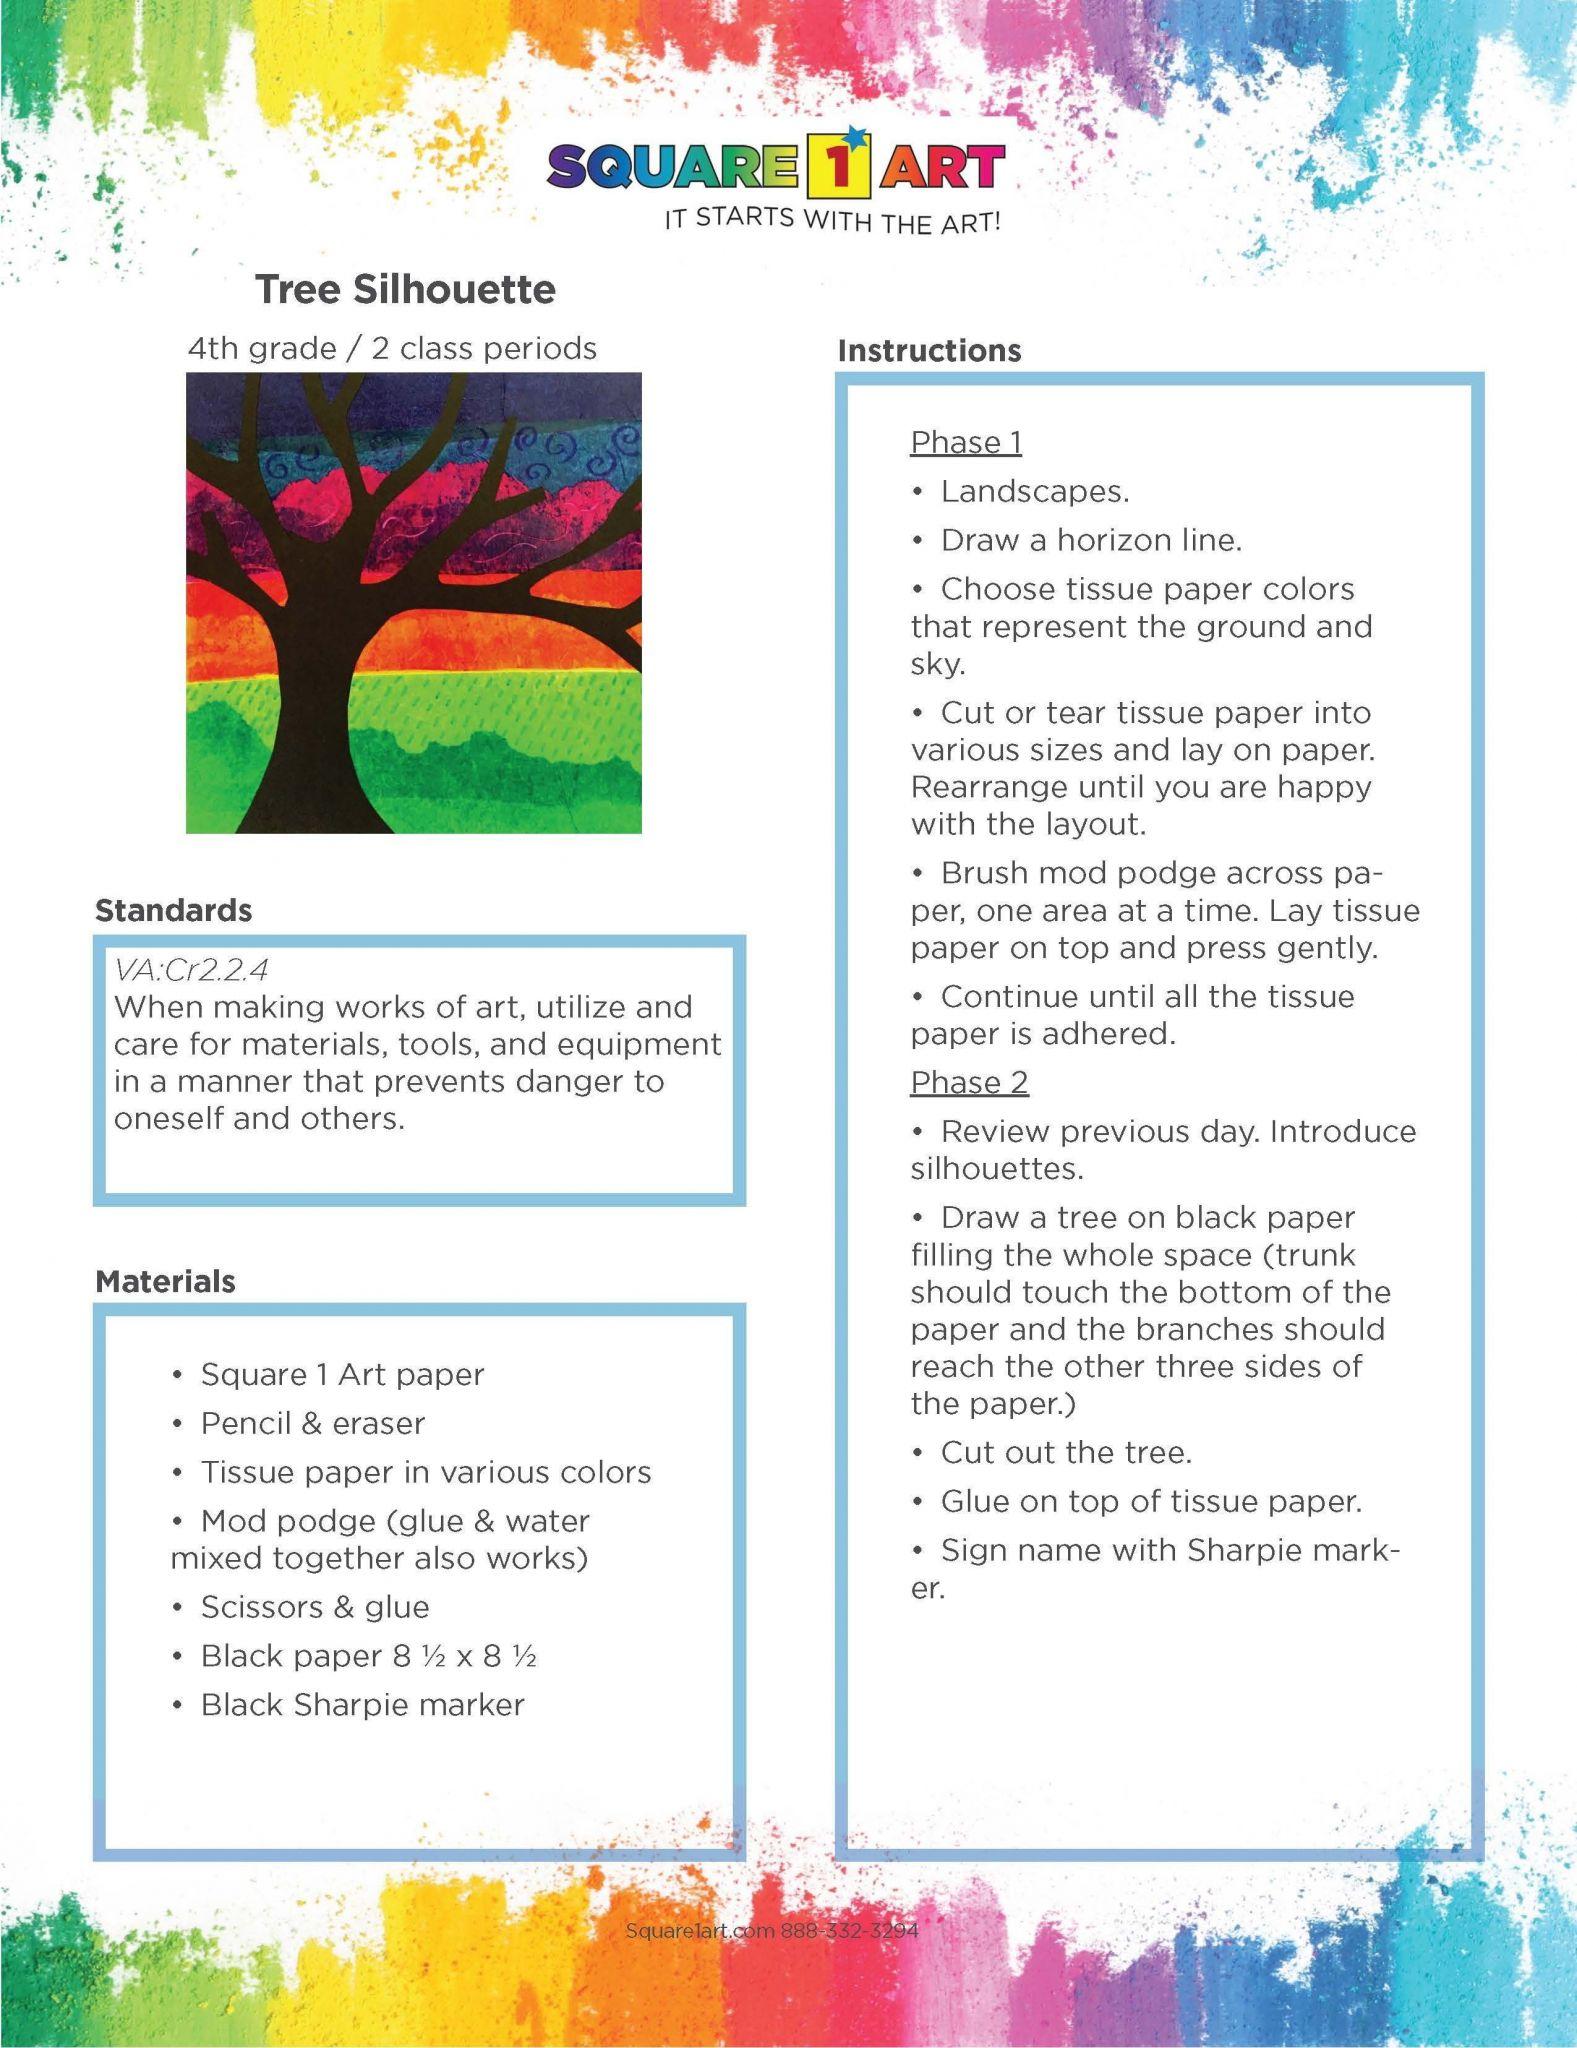 Triple Net Lease Spreadsheet